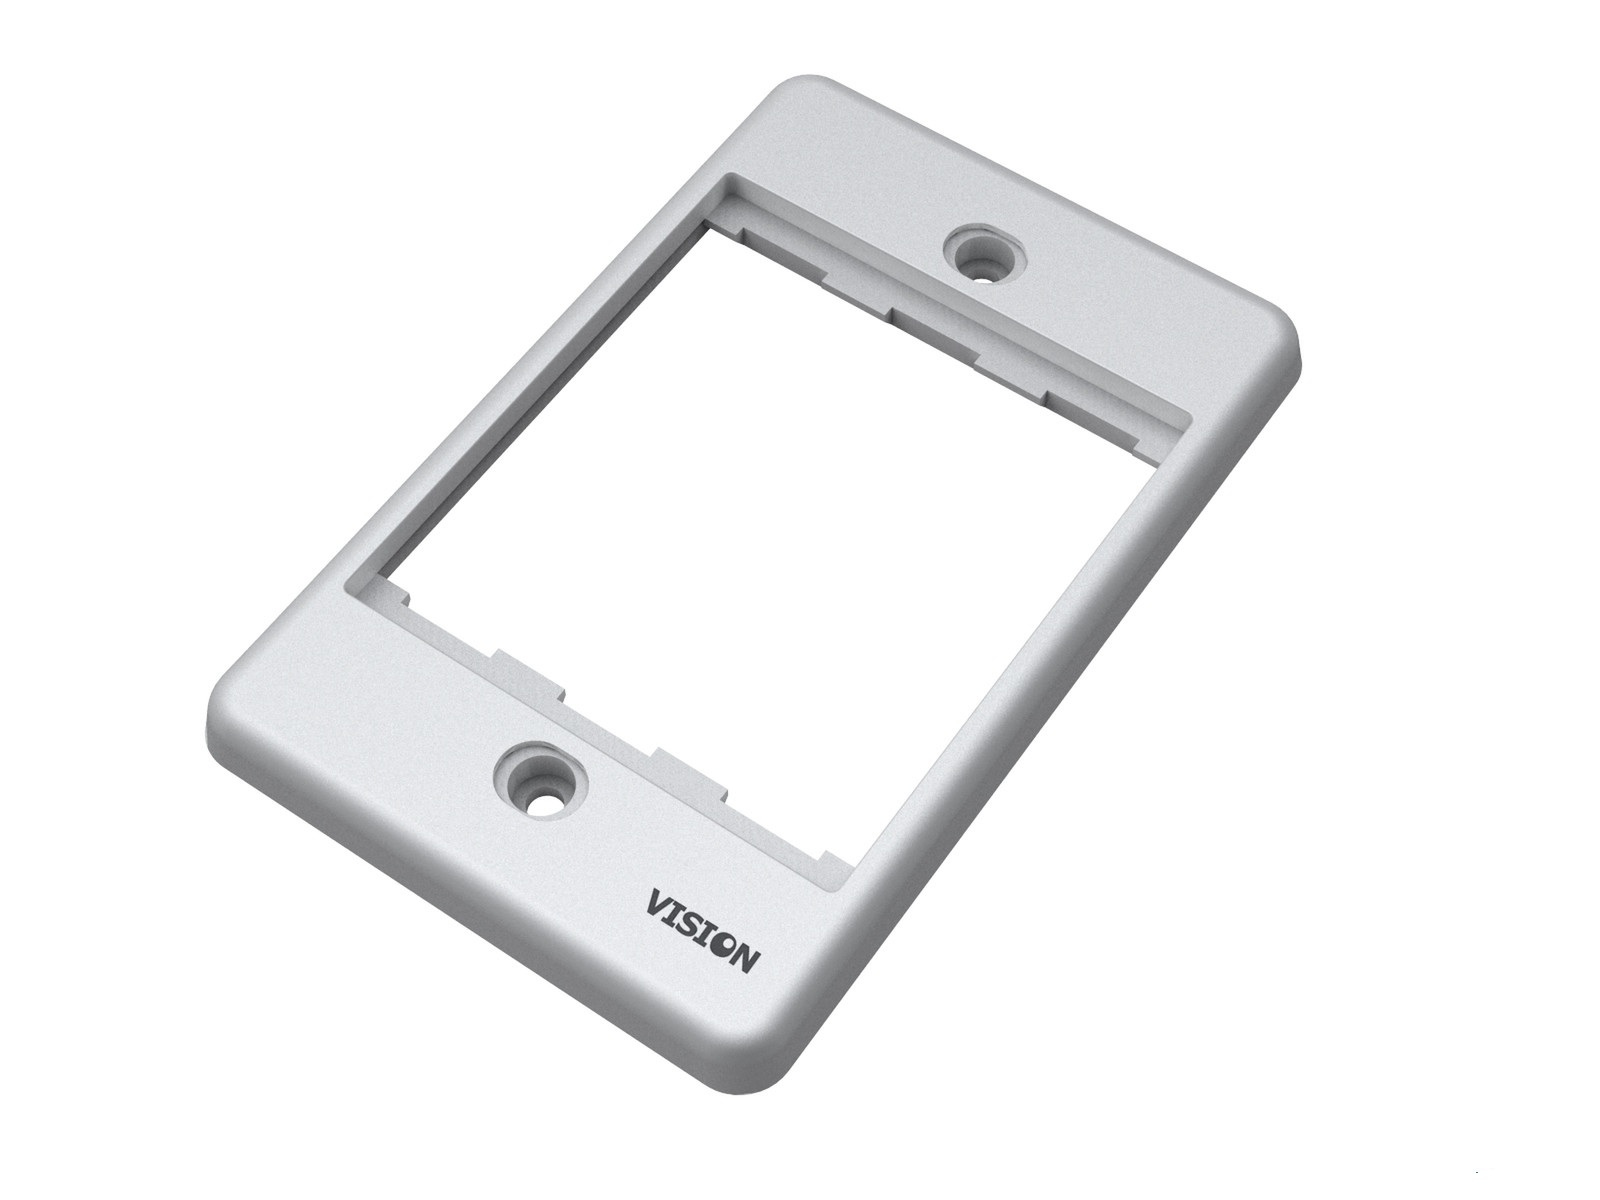 Vision TCAU SURR3 outlet box